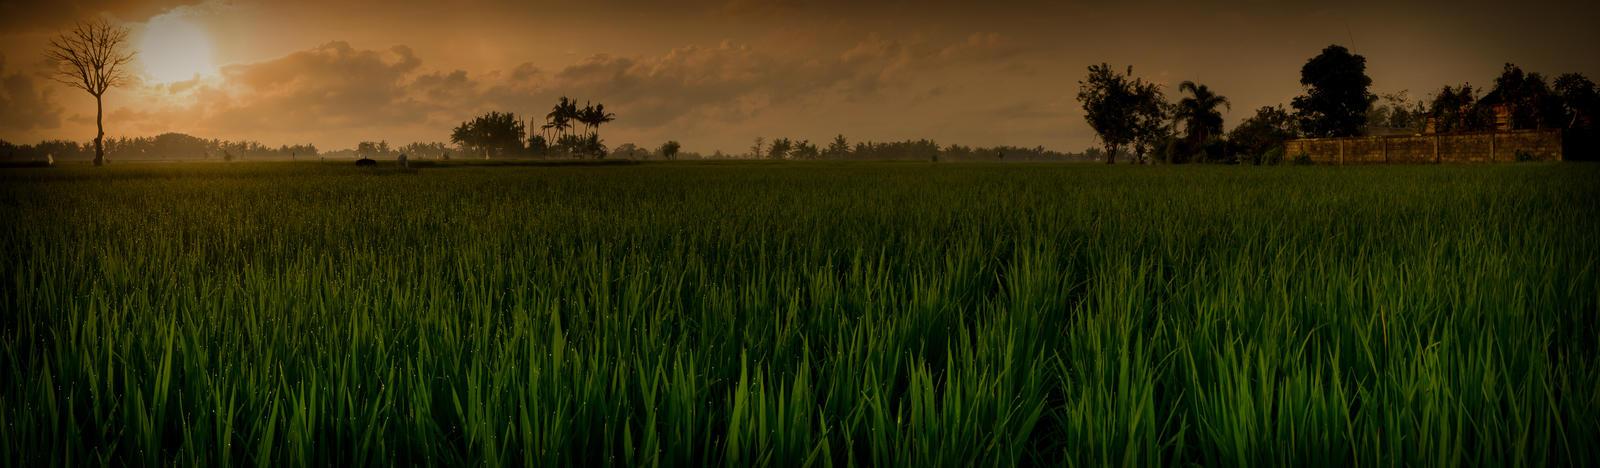 Rice Paddy by AbbottPhotoArt